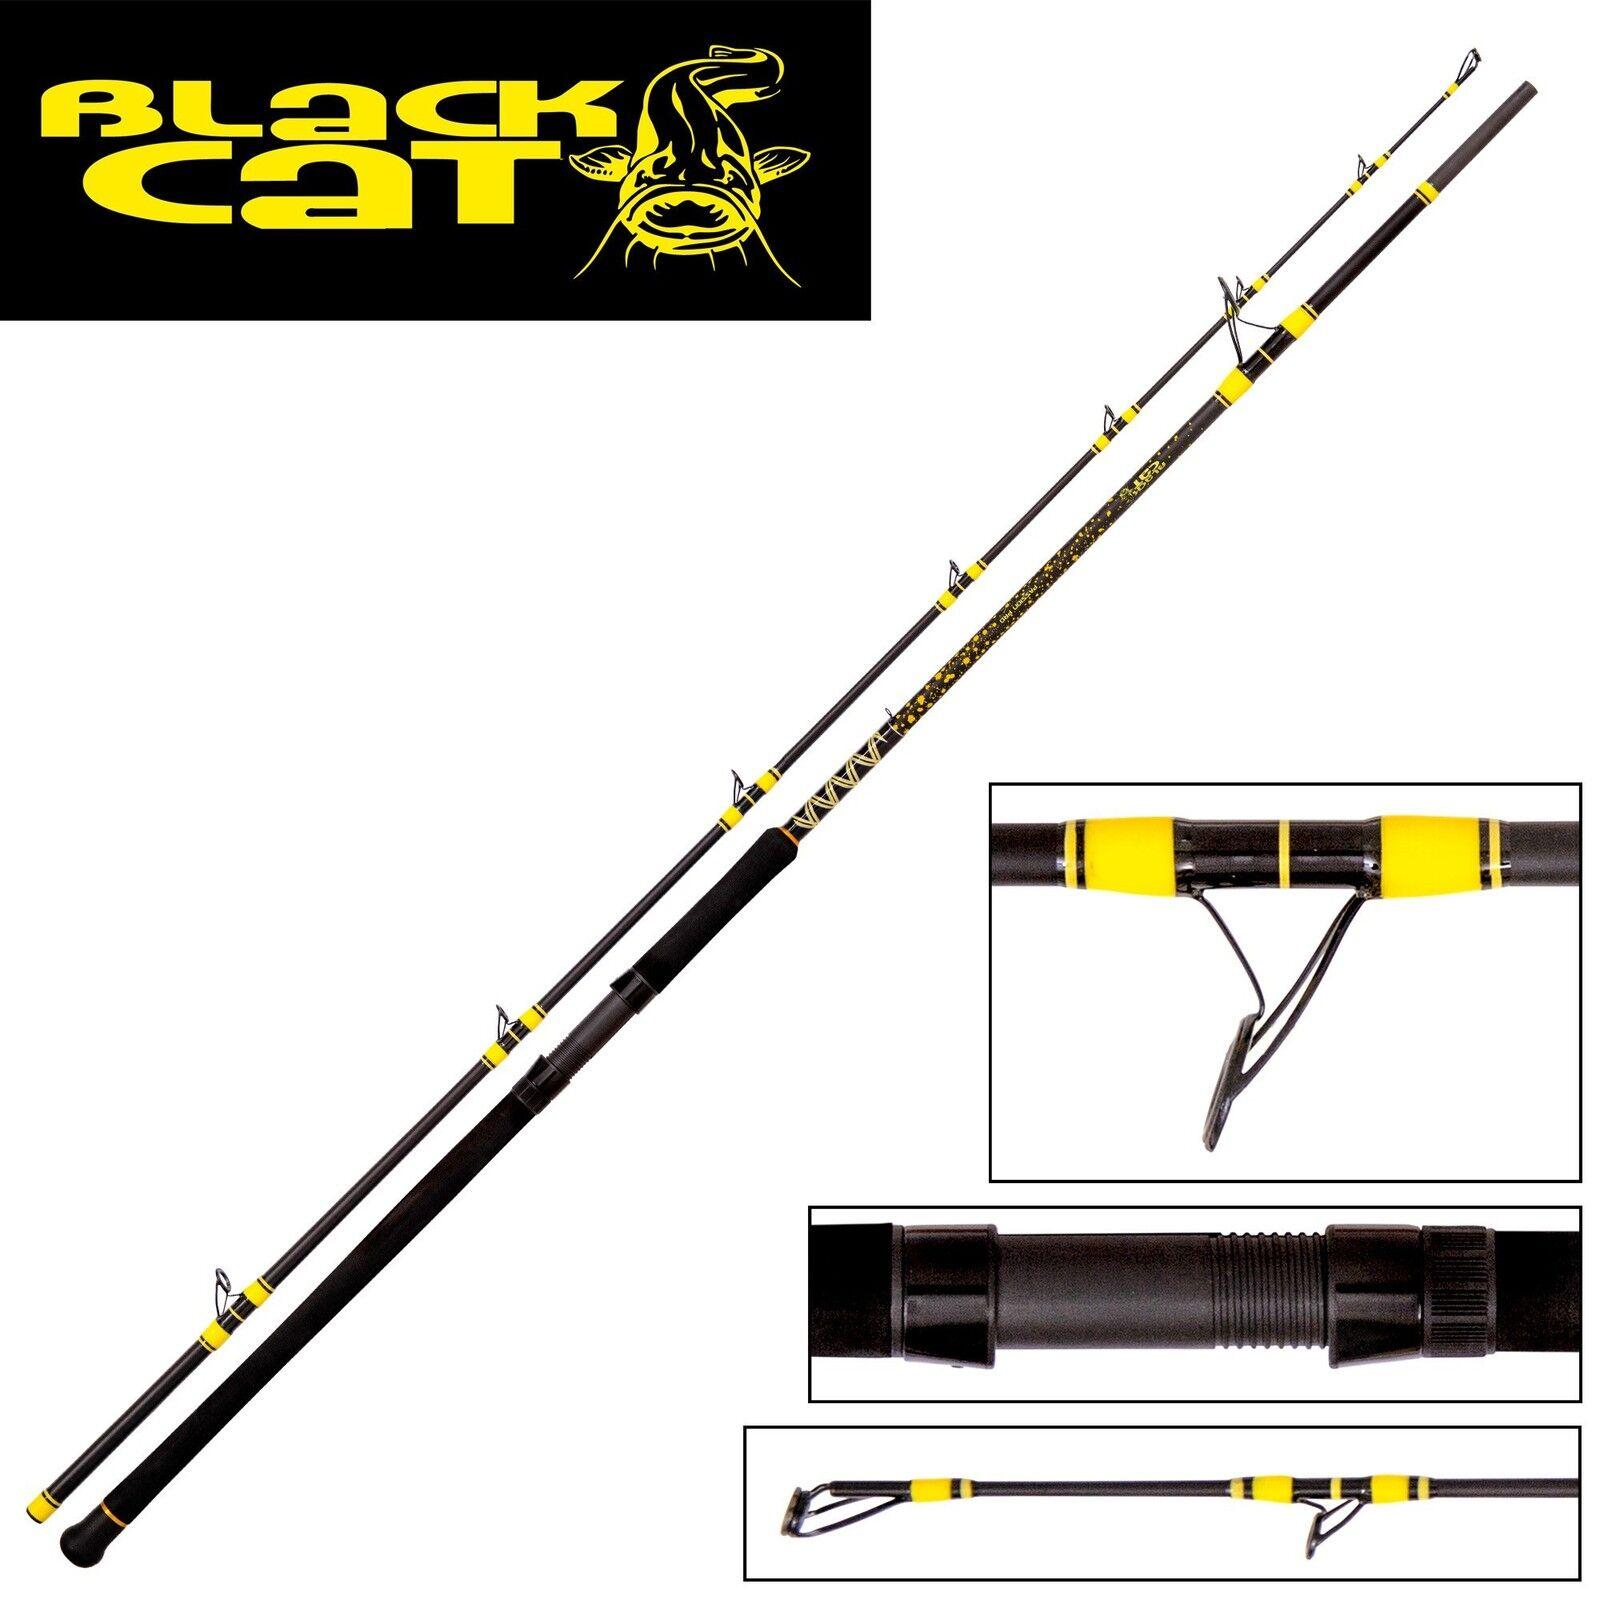 schwarz Cat Passion Pro Pro Pro DX 2 70m 600g Rute Wallerrute Welsrute Waller Grundrute 2a9d8c